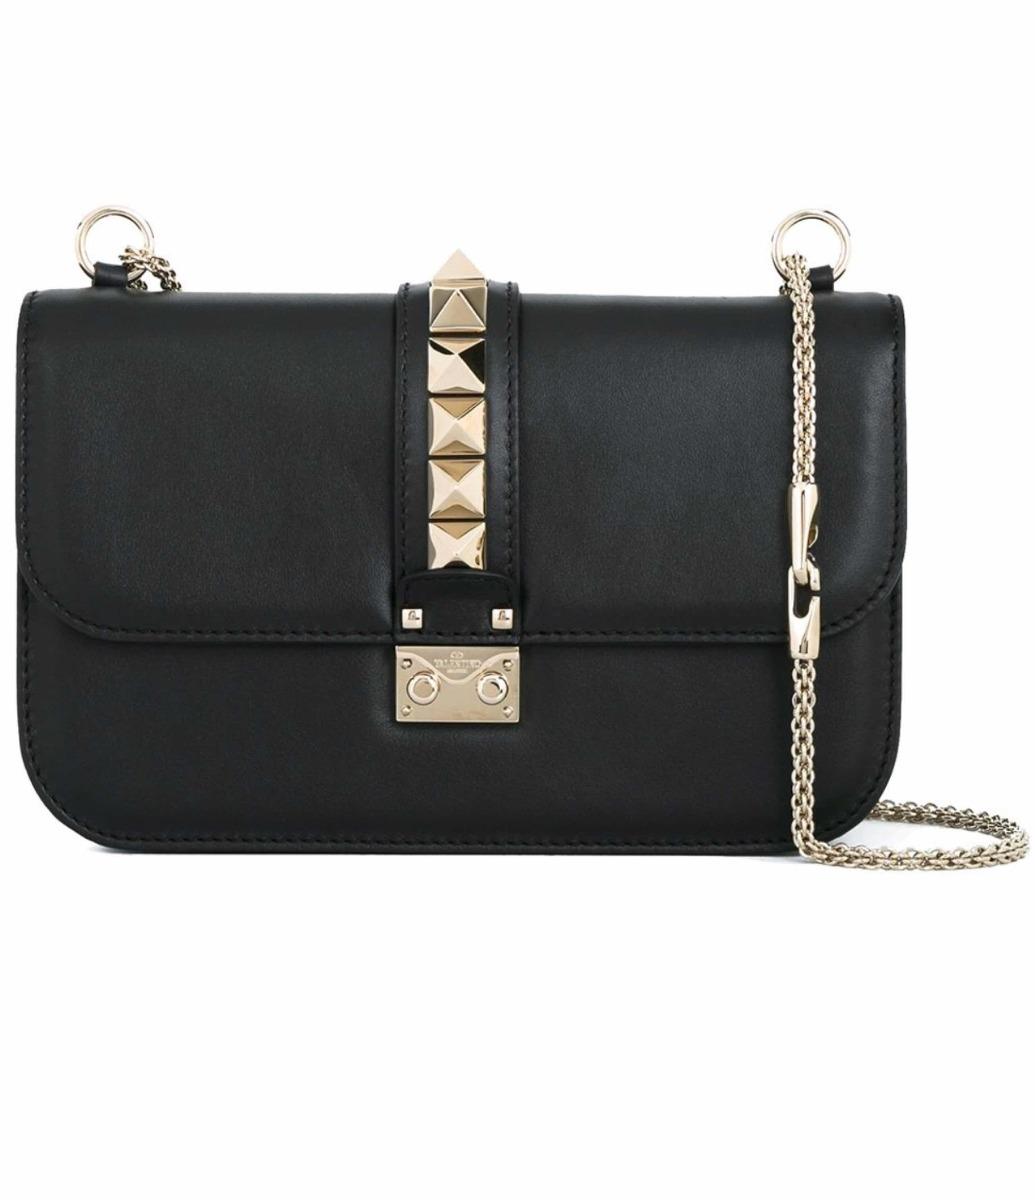 9ee3e46a3 Bolsa Valentino Glam Lock Em Couro - R$ 1.800,00 em Mercado Livre